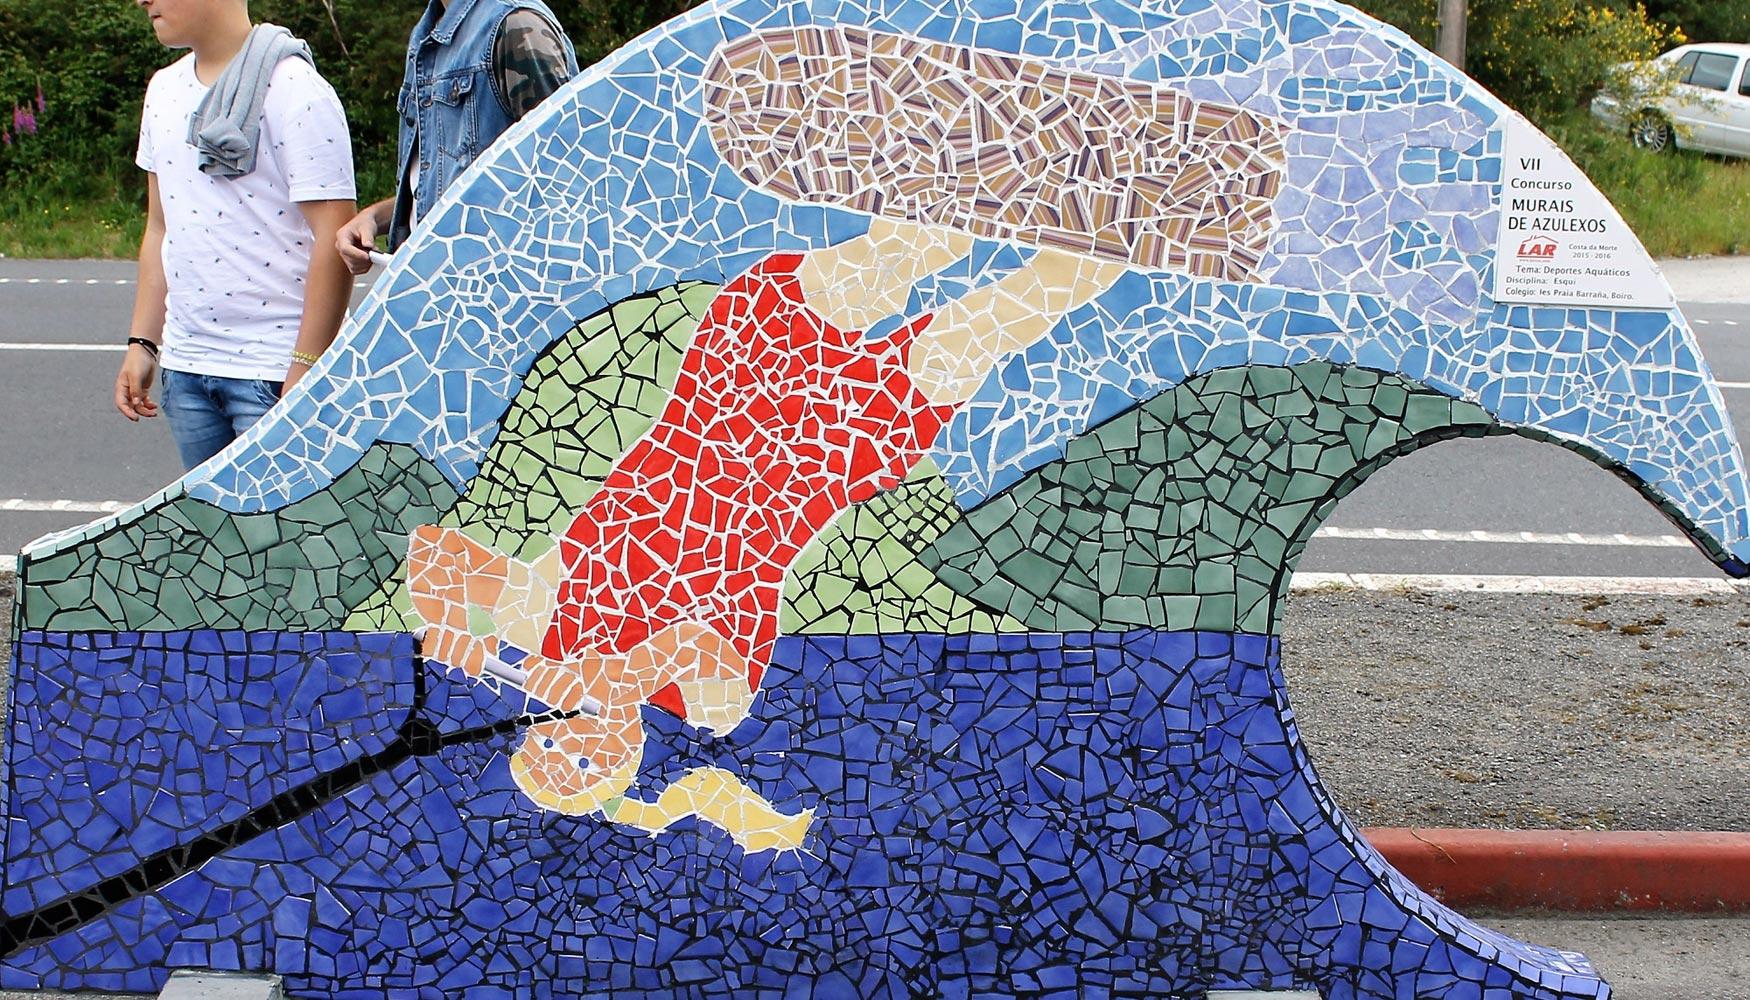 Mapei patrocina el vii concurso de murales de azulejos lar construcci n - Murales de azulejos ...